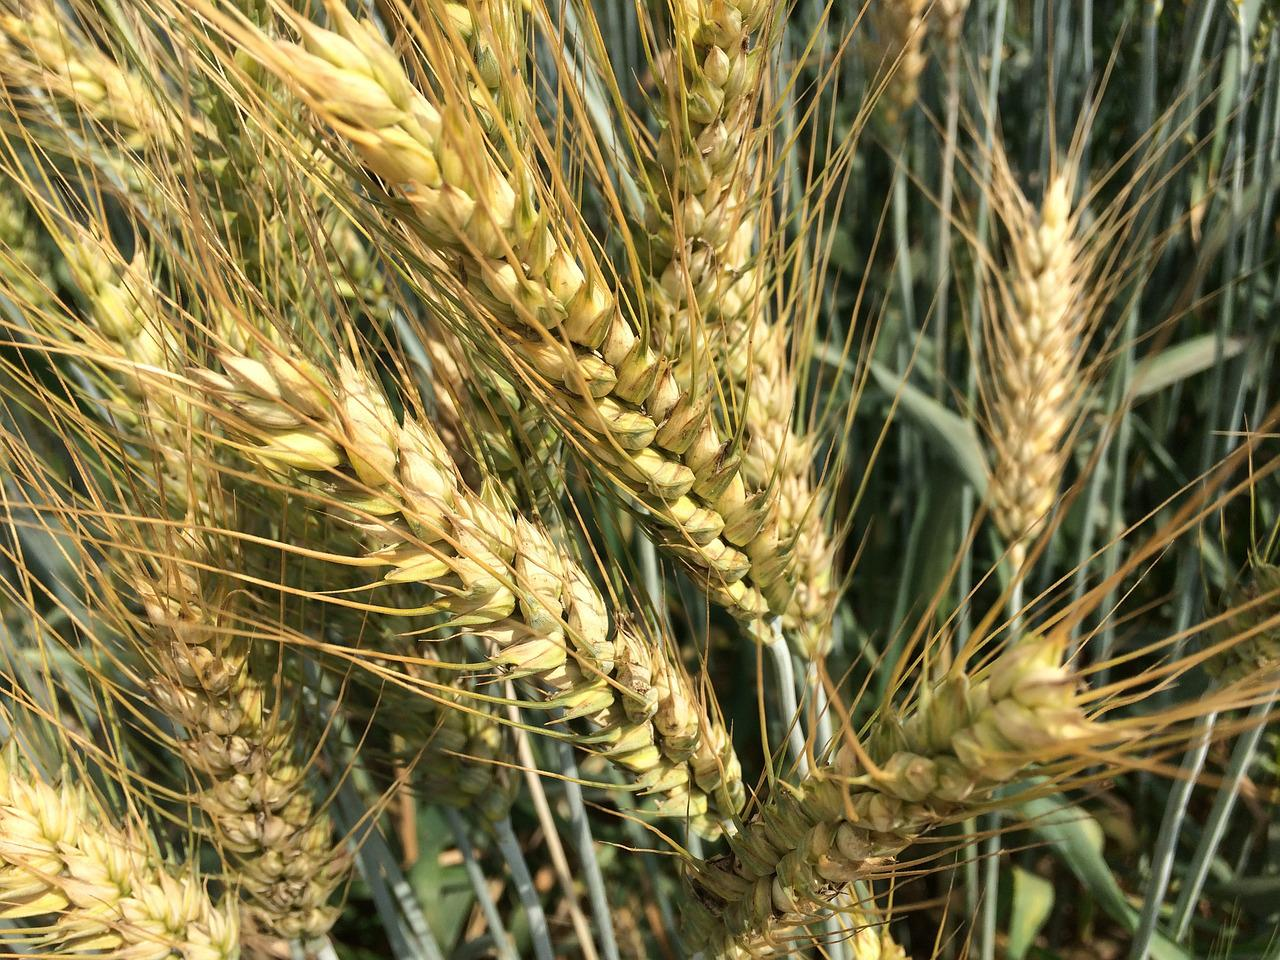 смерти являлась фото зерен пшеницы покупать, плюсы минусы